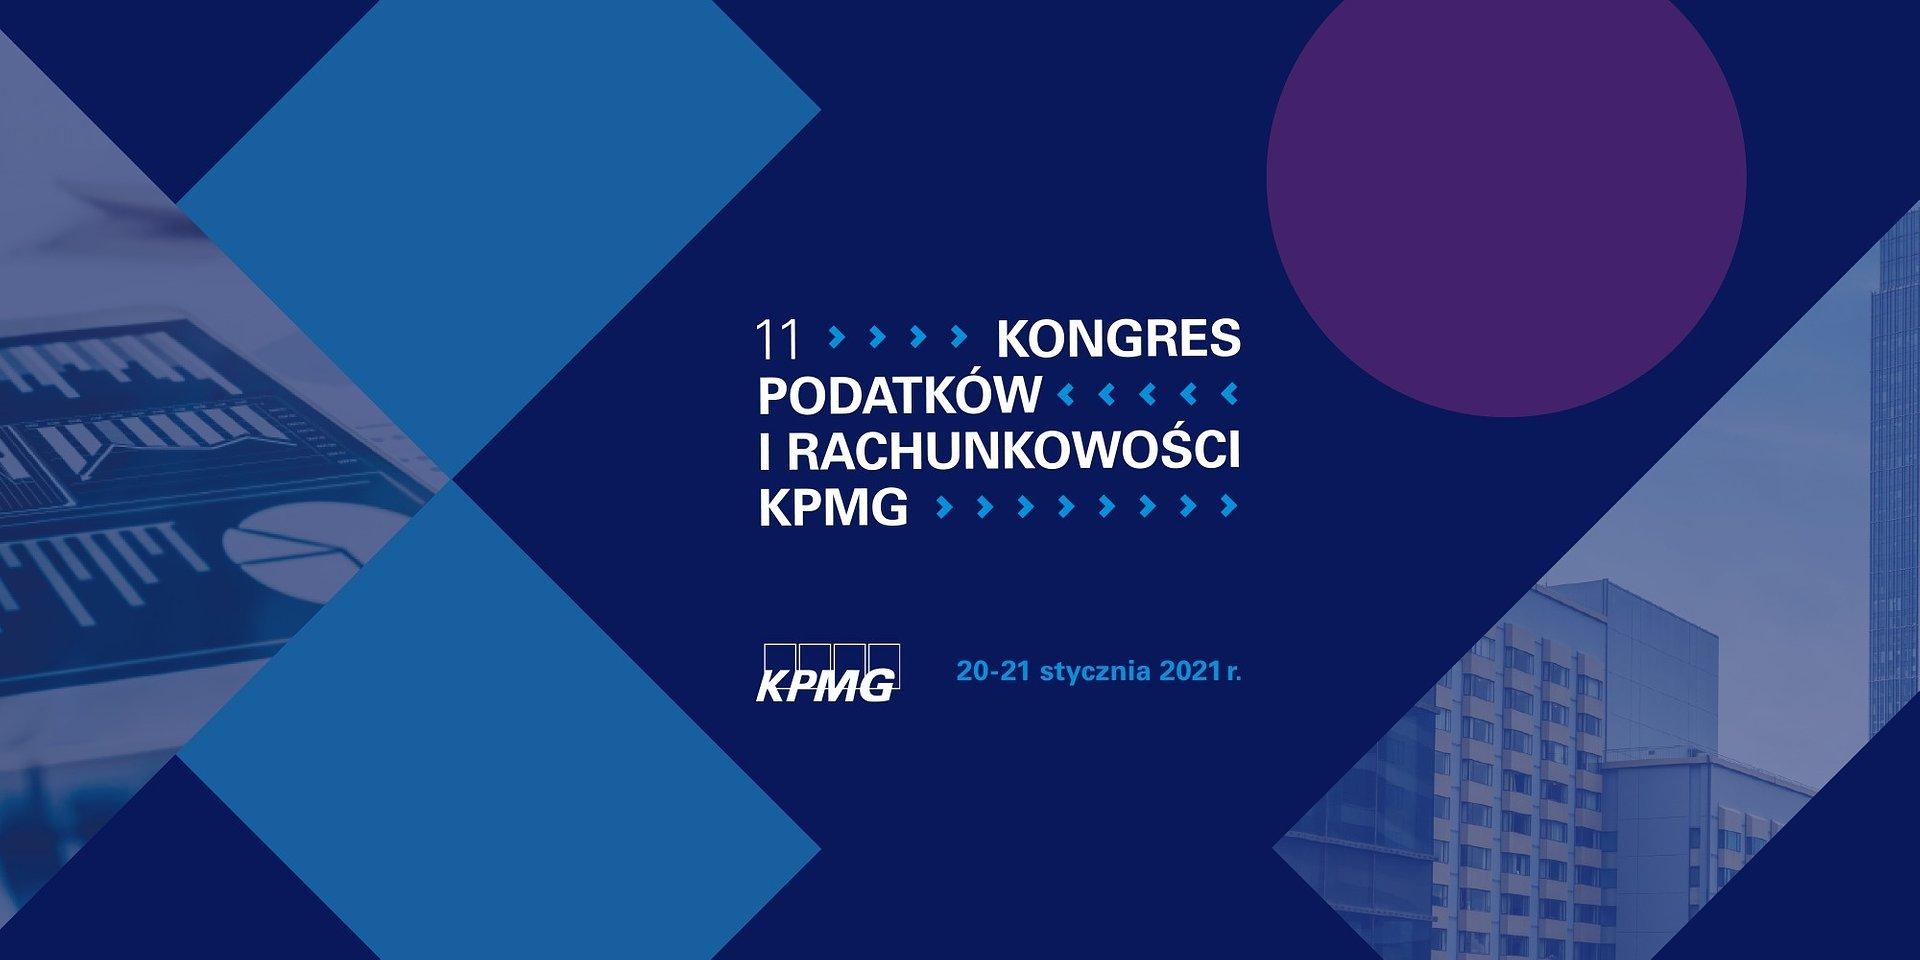 ACCA Polska Patronem 11. edycji Kongresu Podatków i Rachunkowości KPMG